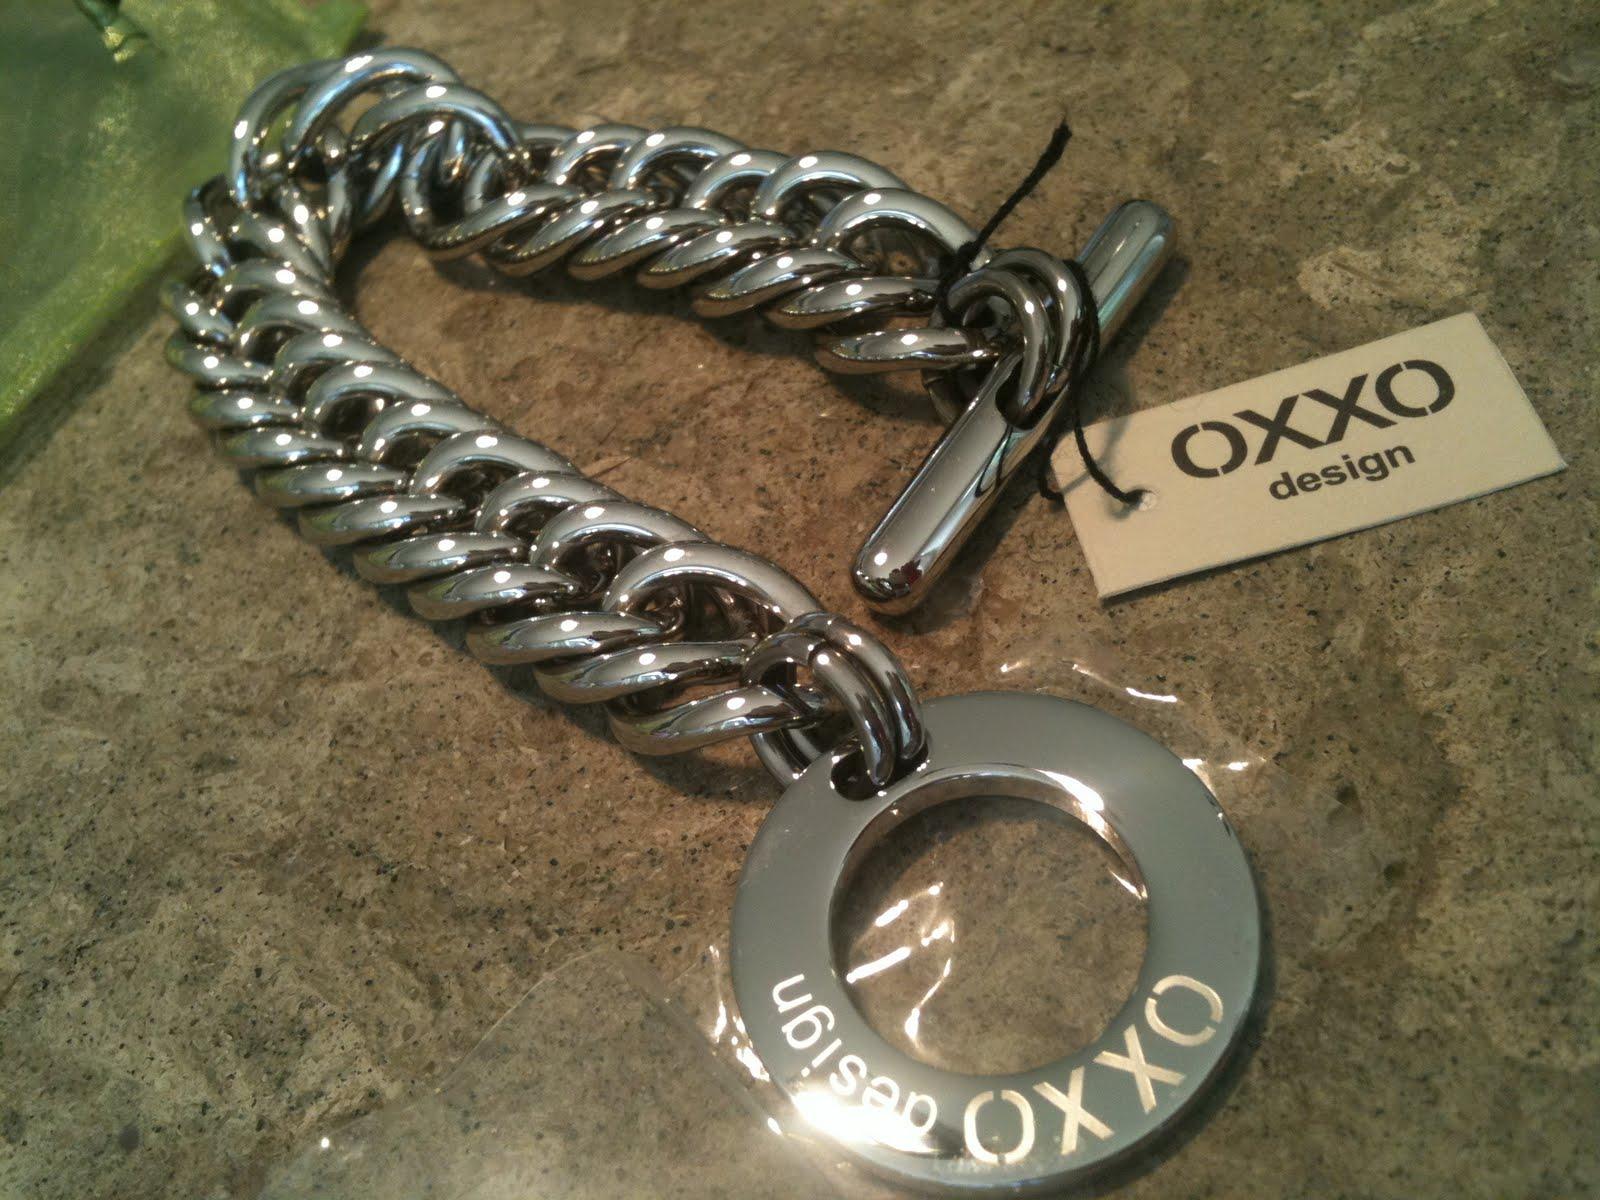 oxxo design göteborg